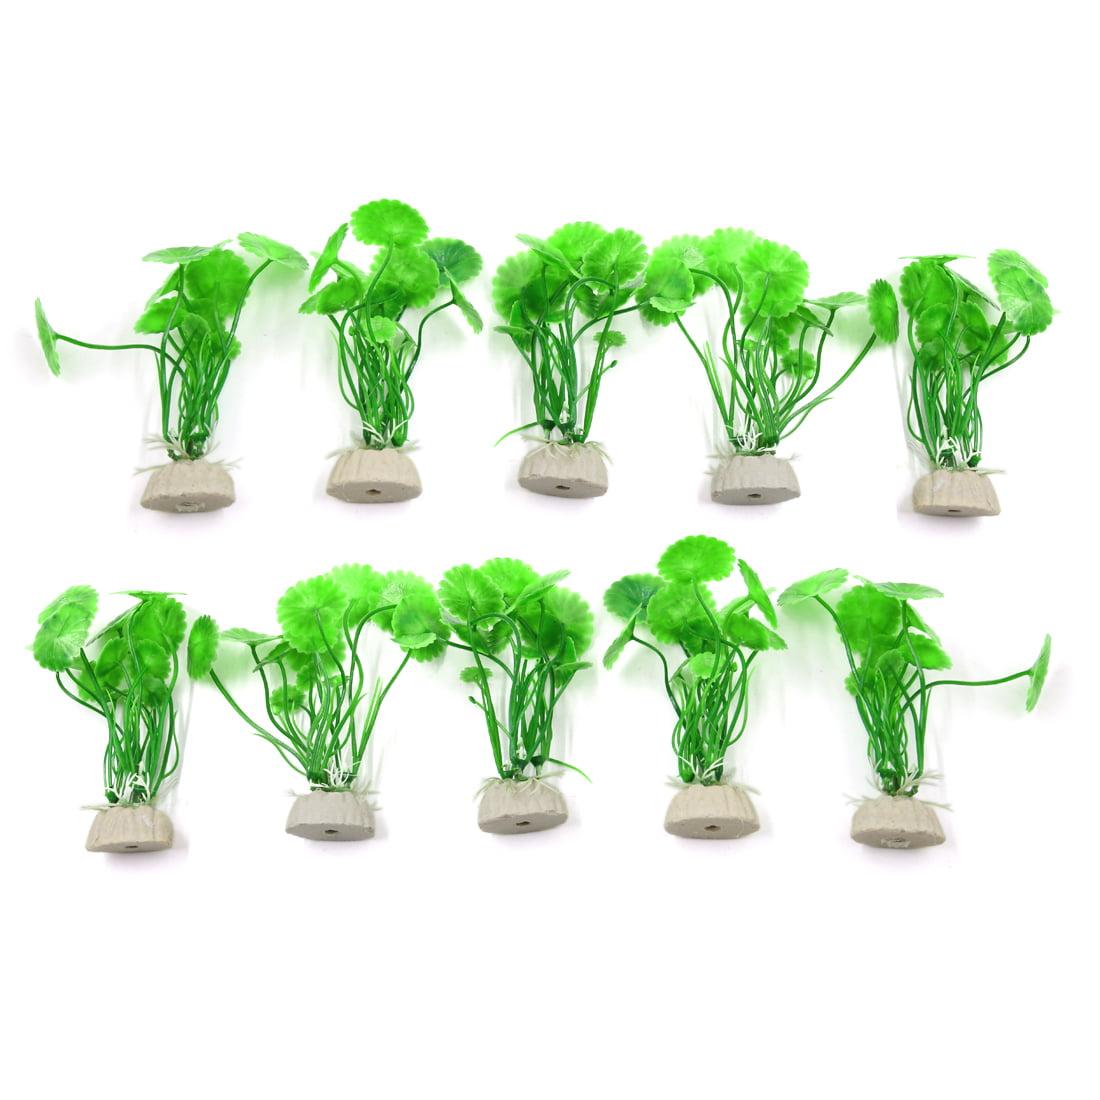 10pcs Green Aquarium Fish Tank Artificial Seagrass Plants Ornament Decorations